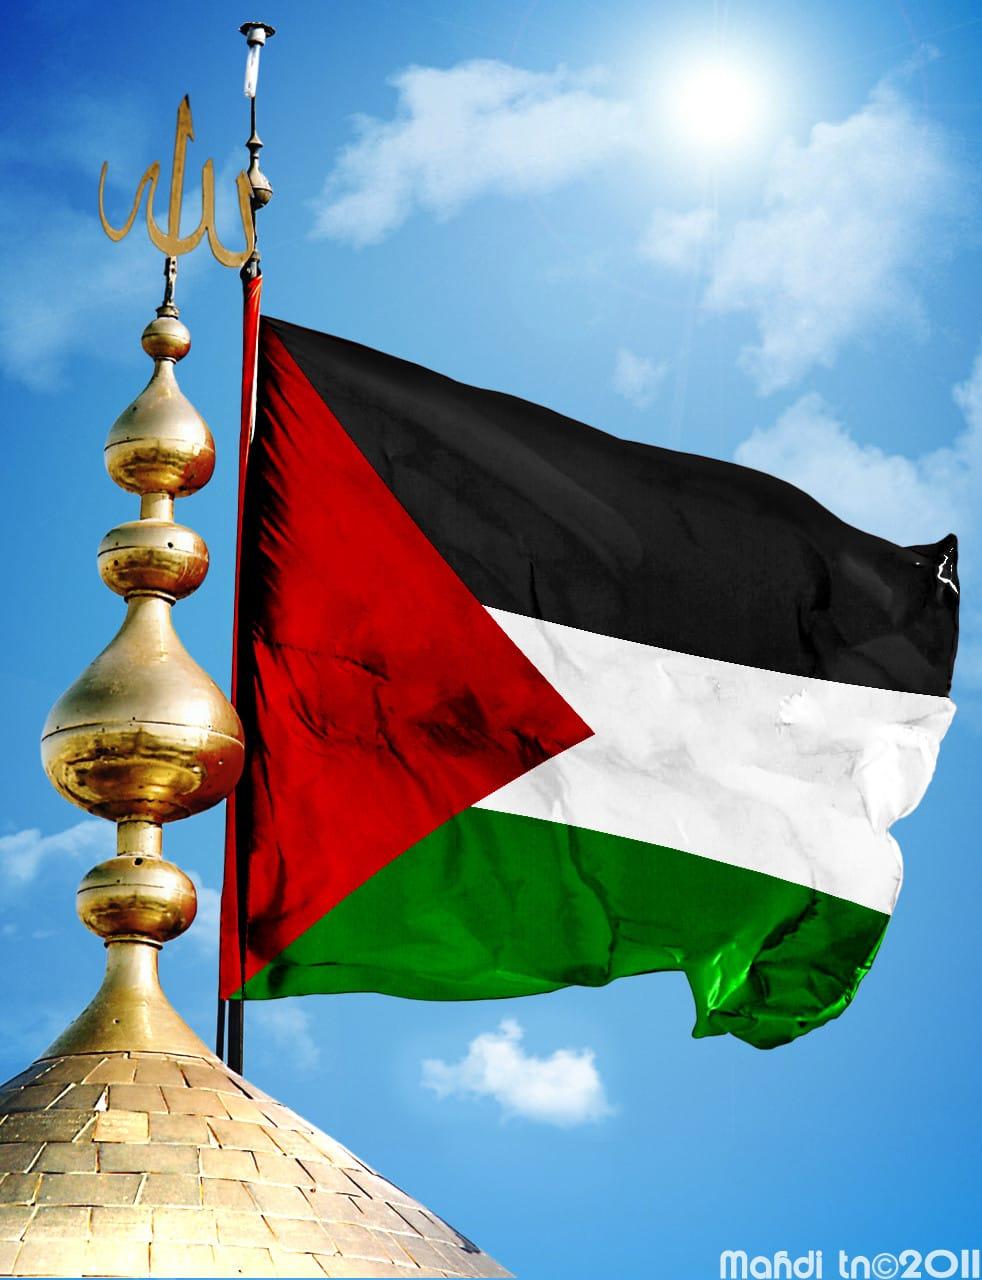 17251f27 ae08 489b 8c11 41765cbecc40 - صور لعلم فلسطين والقدس القديم والجديد